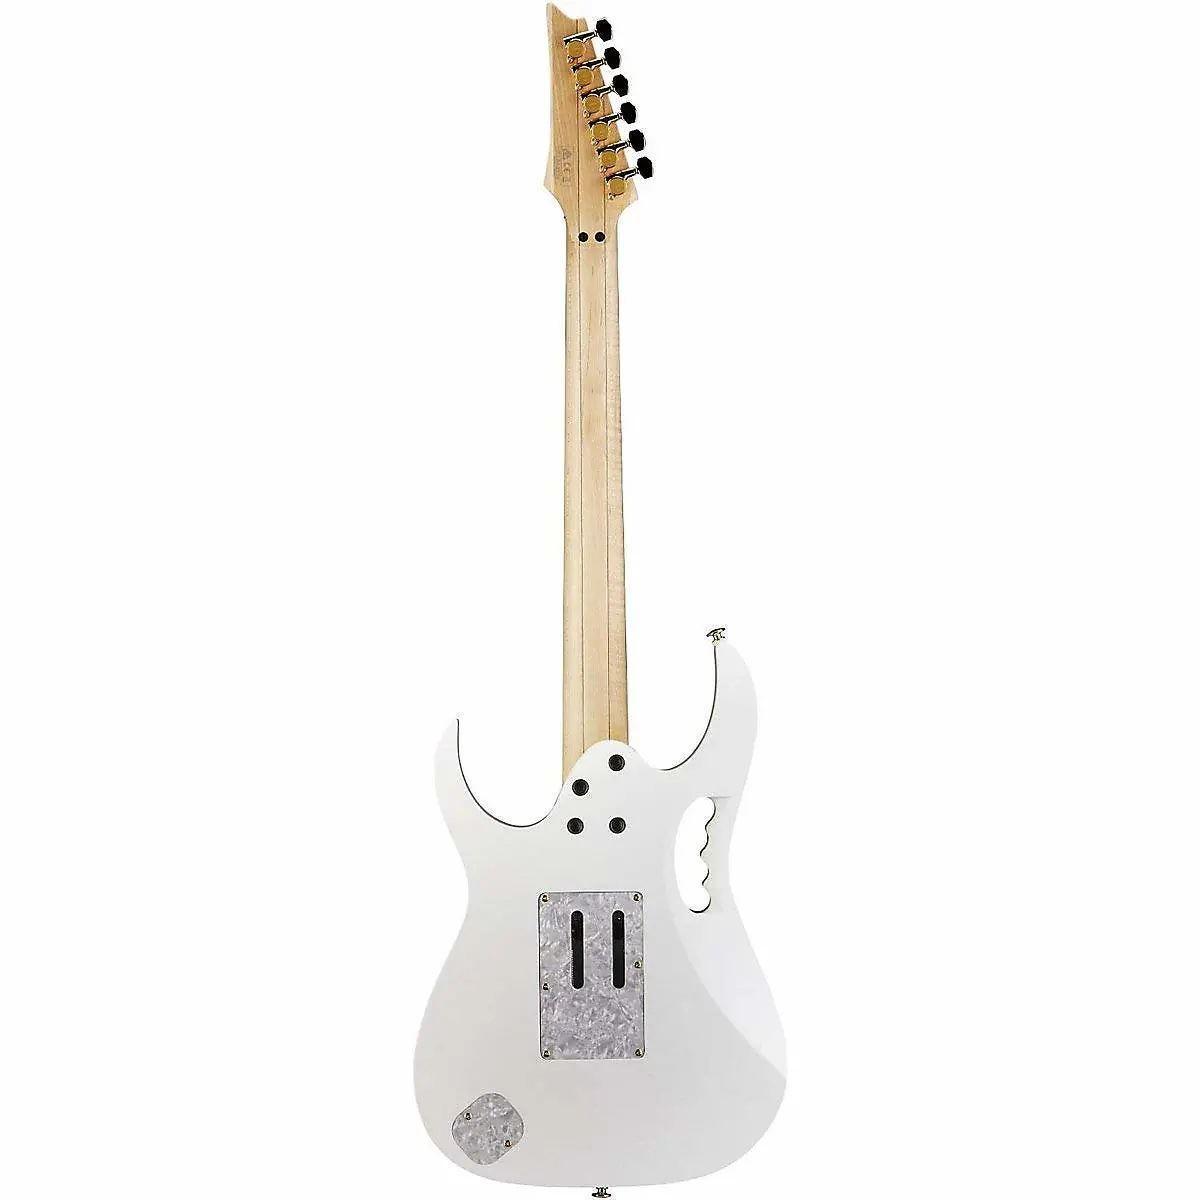 ibanez jem7v steve vai electric guitar white perth mega music online. Black Bedroom Furniture Sets. Home Design Ideas